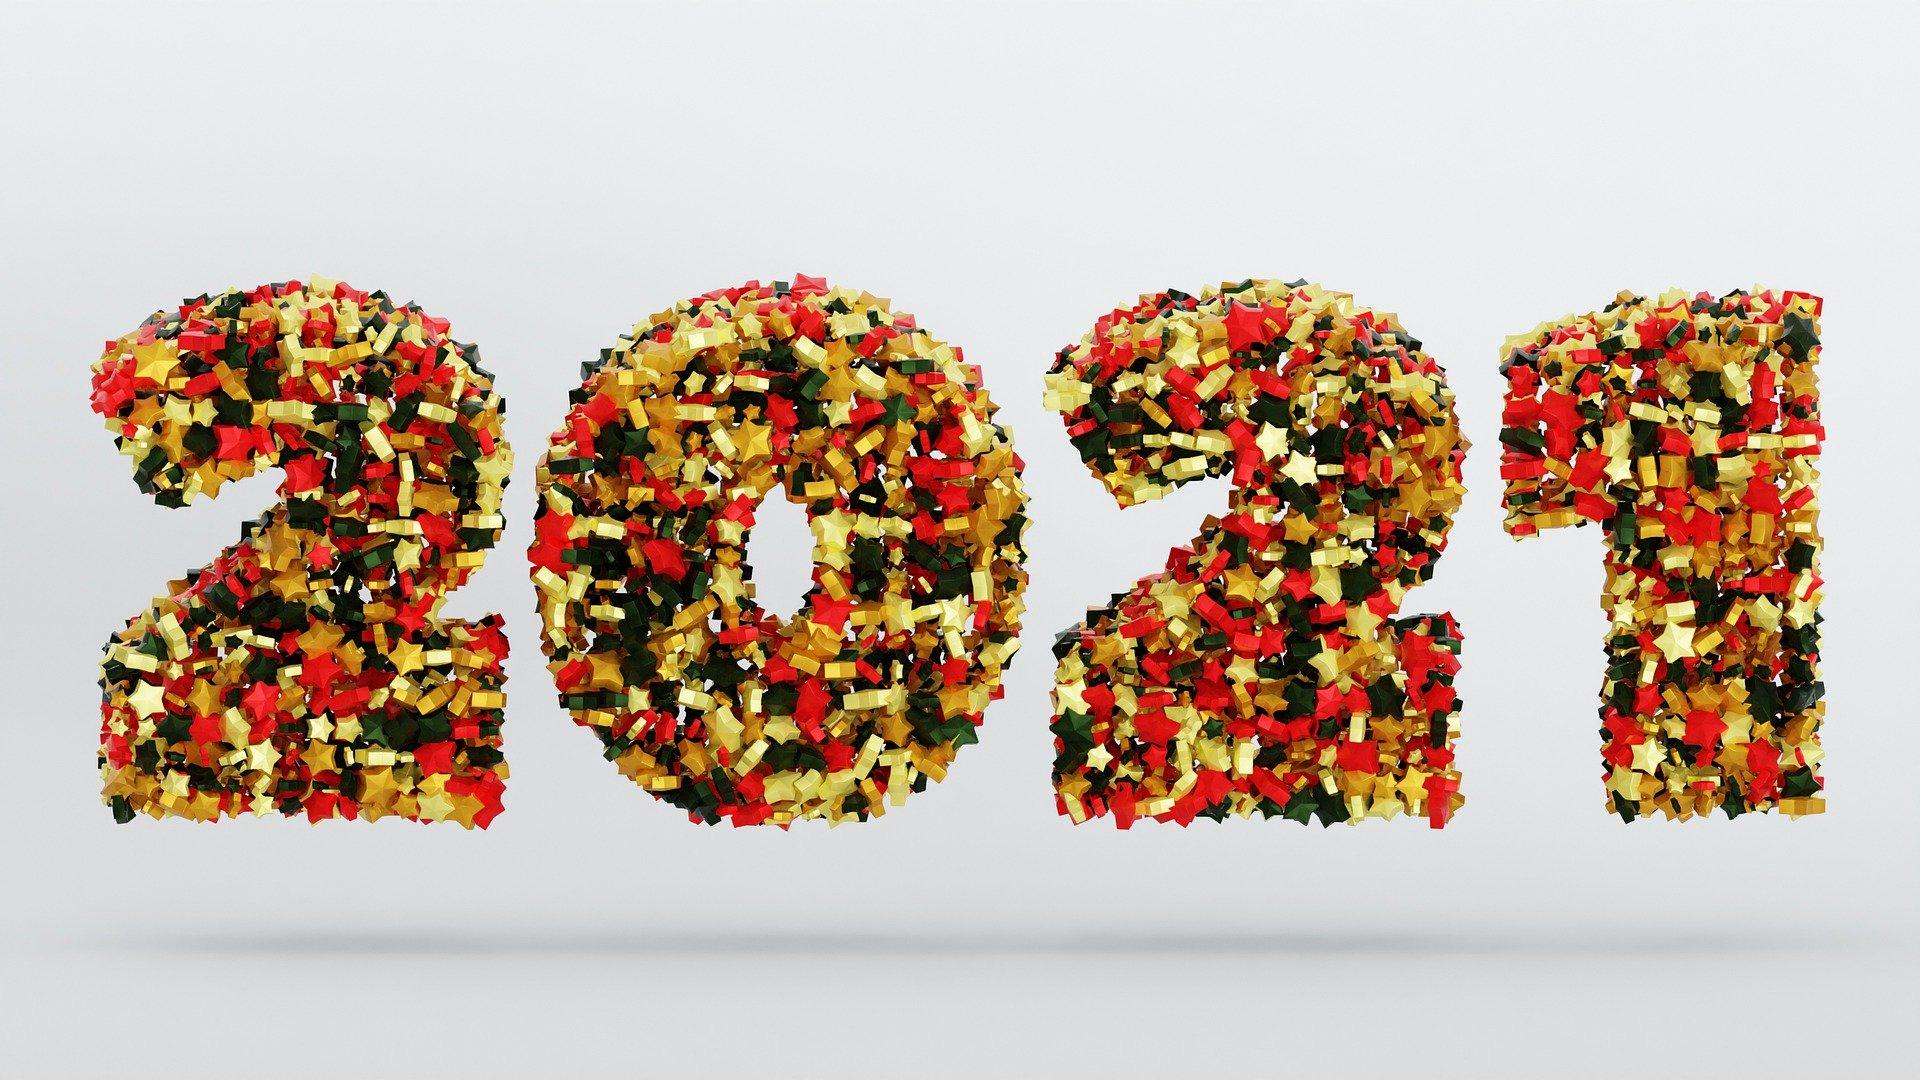 Image 2021